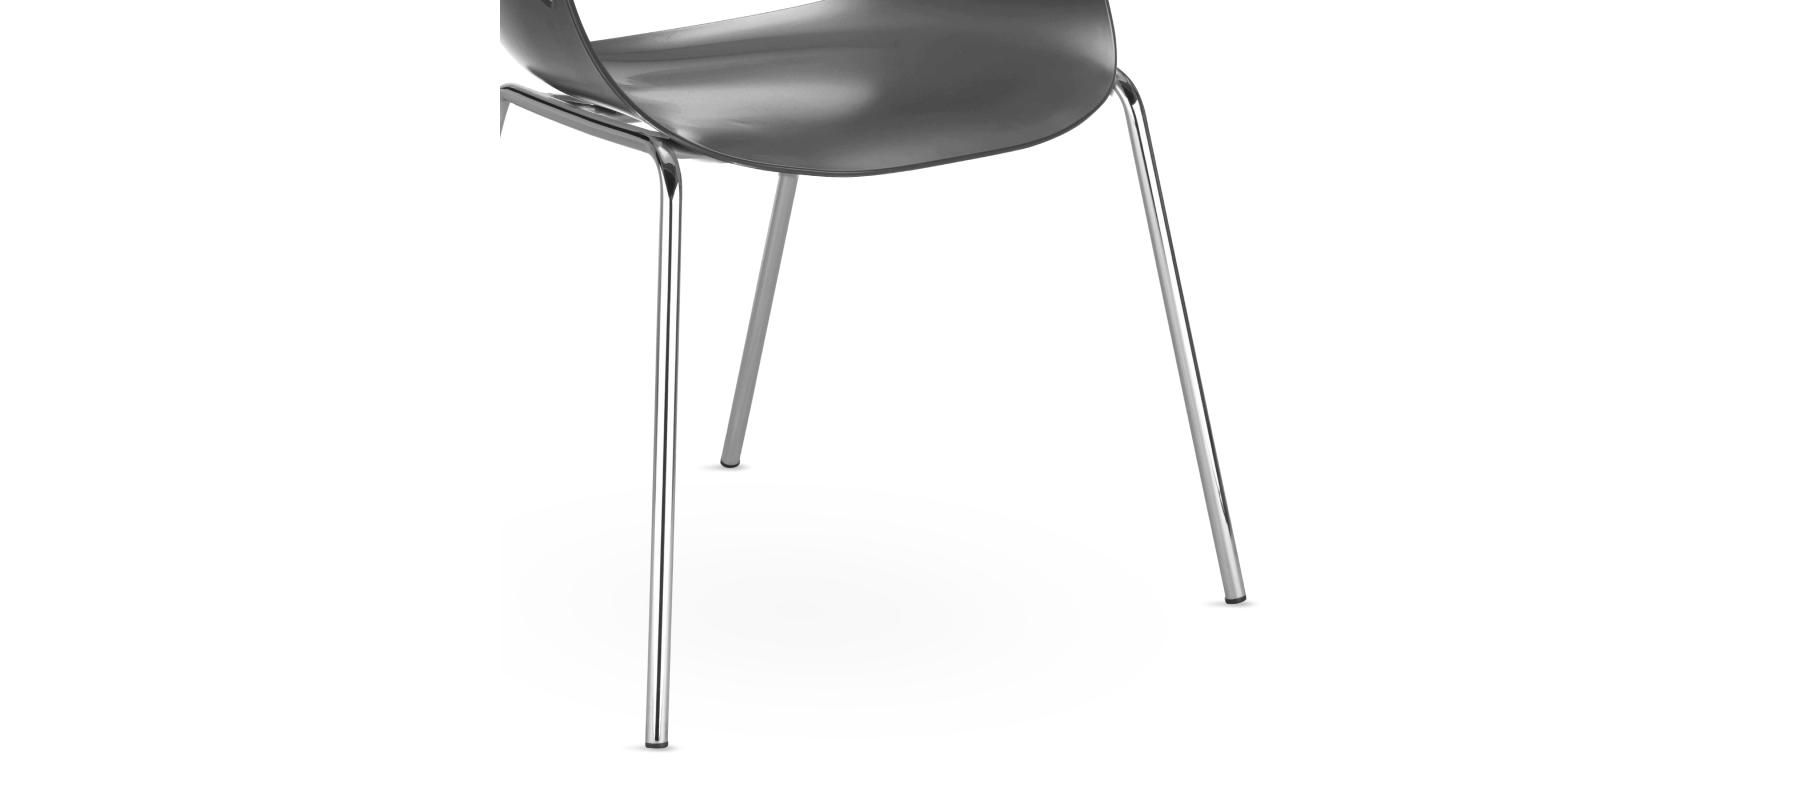 krzesła stacjonarne fano detale - 02